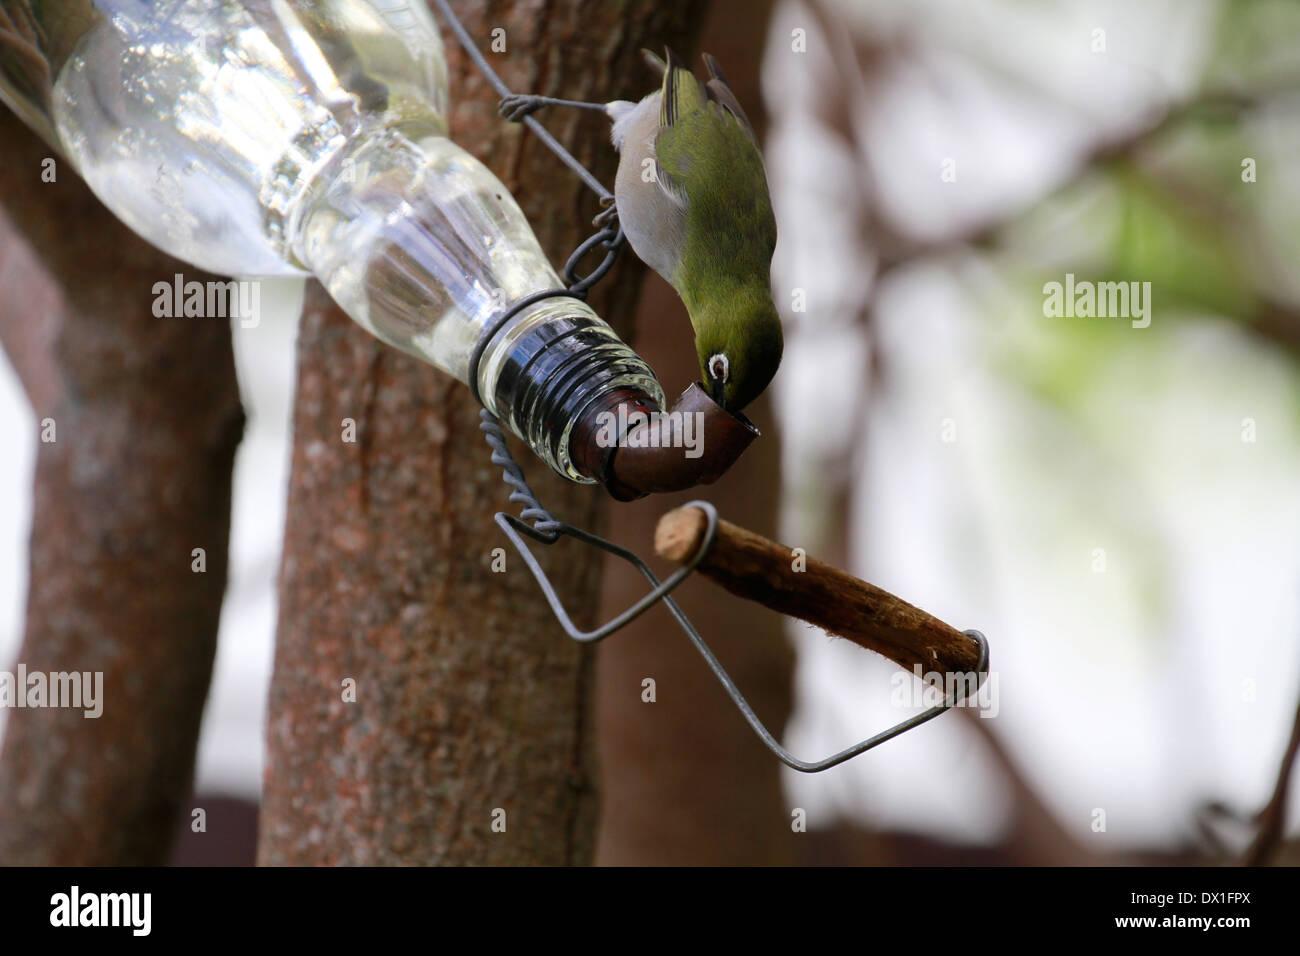 Feeder Bottle Stock Photos & Feeder Bottle Stock Images - Alamy